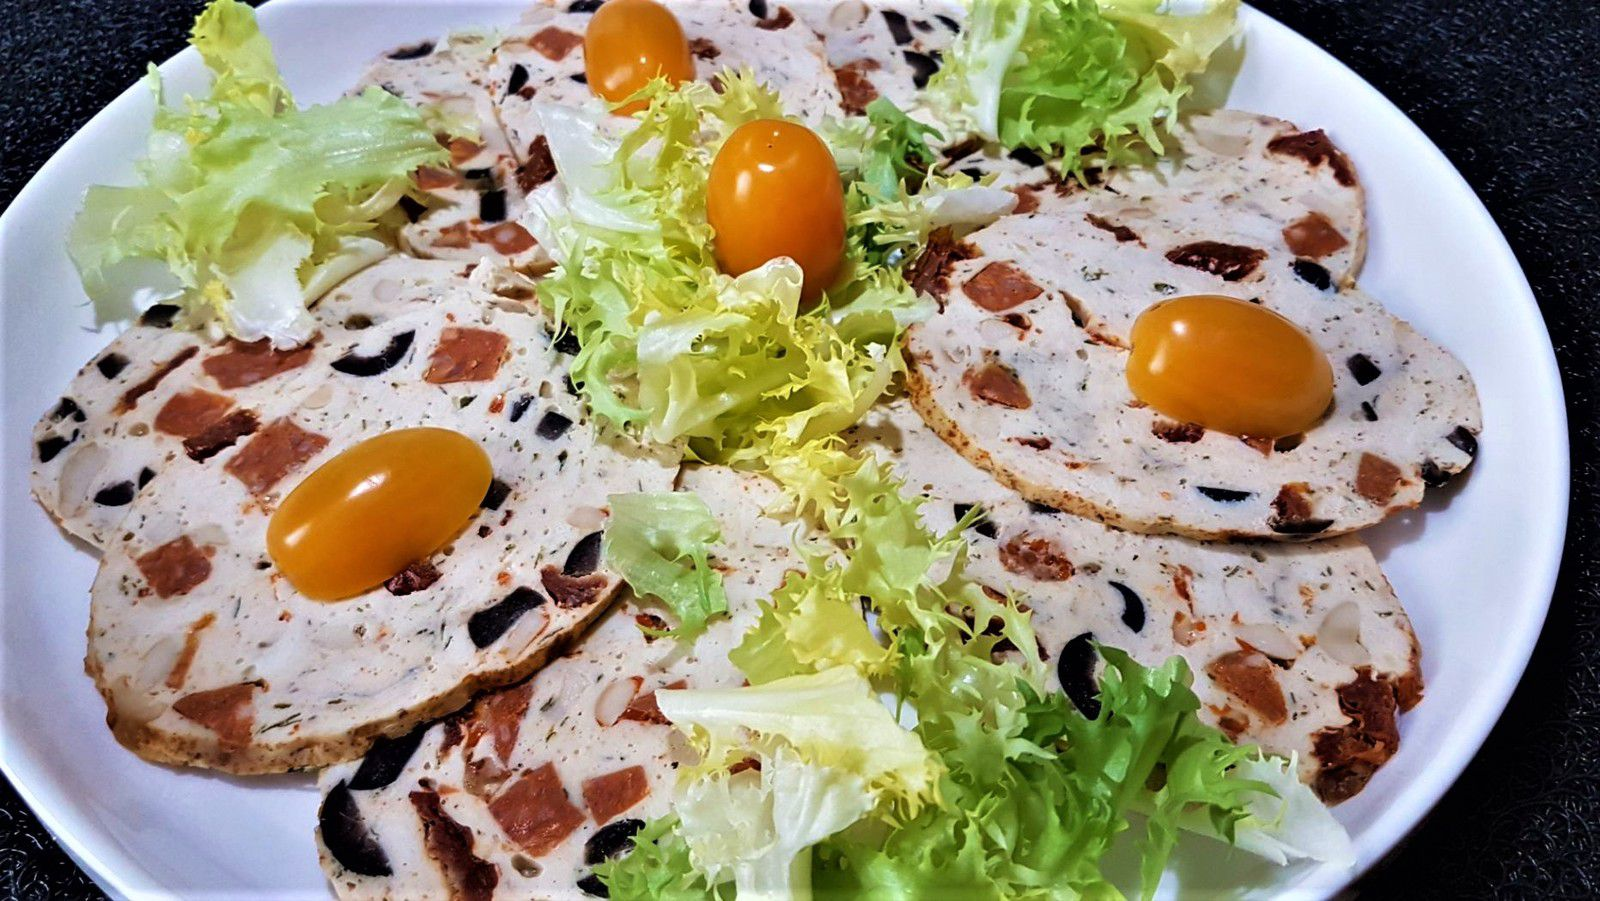 5 - Découper en tranches, disposer sur un plat de service en décorant avec un peu de salade frisée et quelques tomates cerises. Servir froid ou tiède accompagné d'une sauce au chorizo.